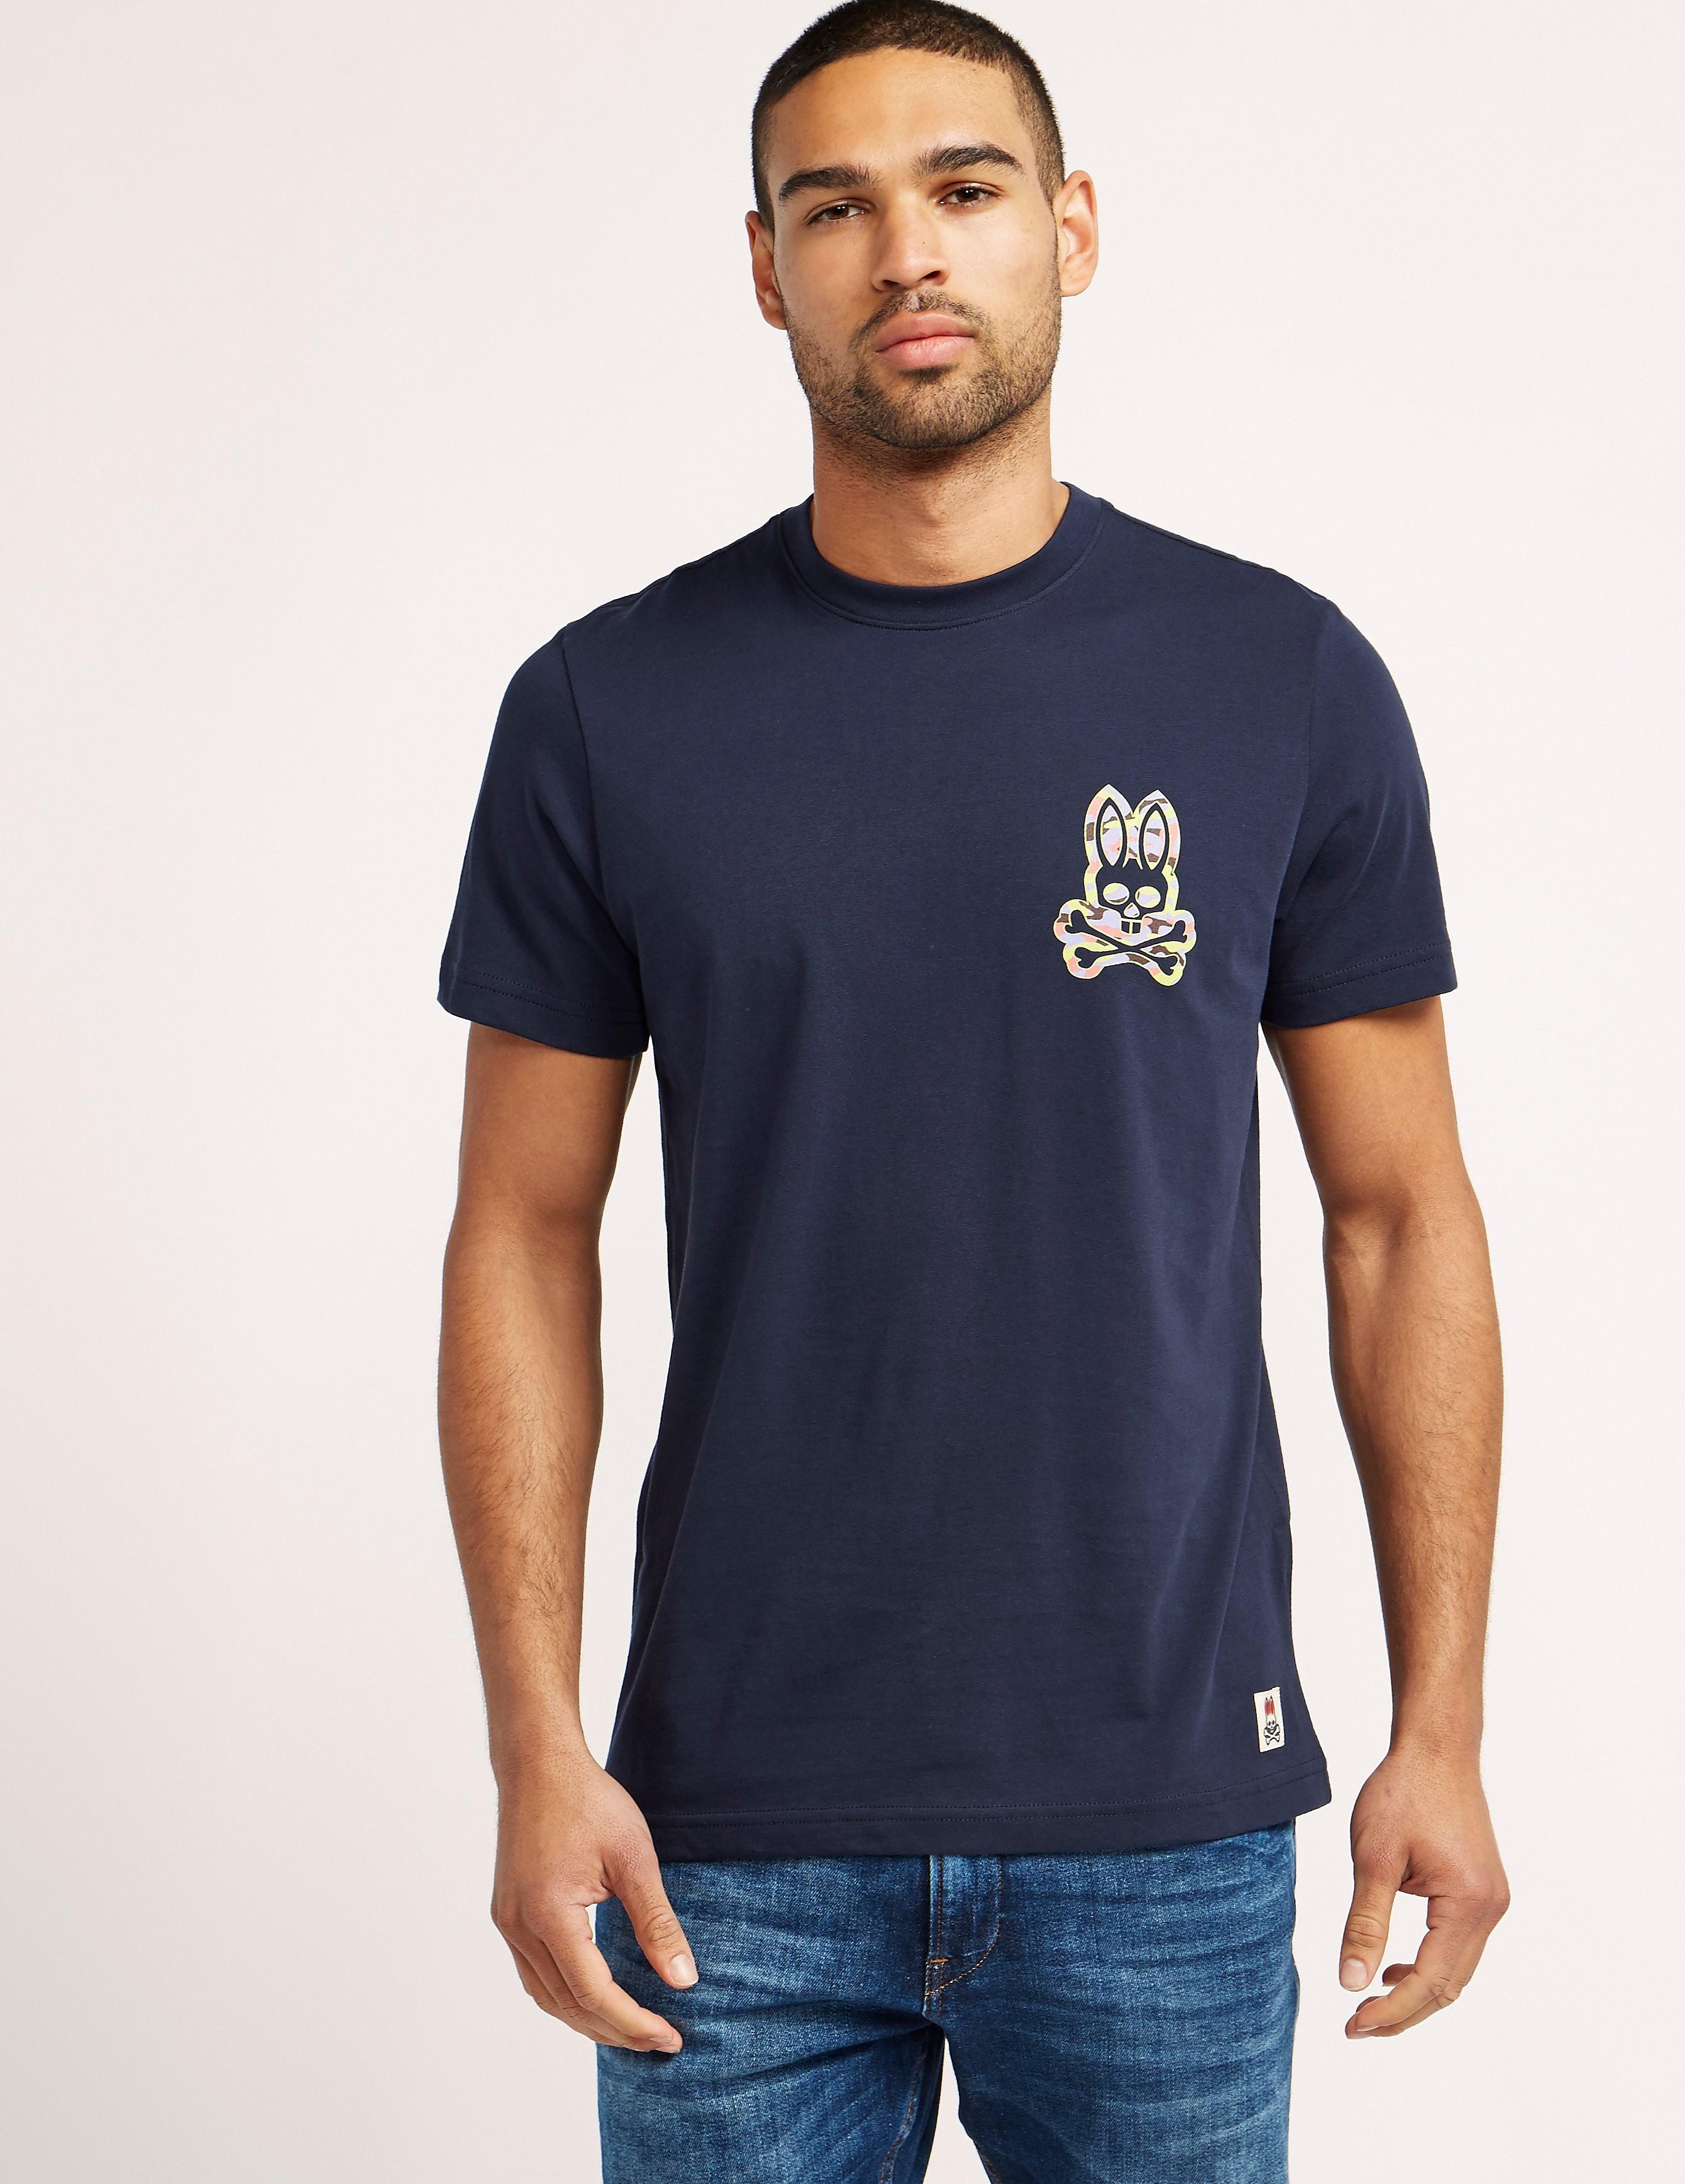 Psycho Bunny Camo Bunny T-Shirt